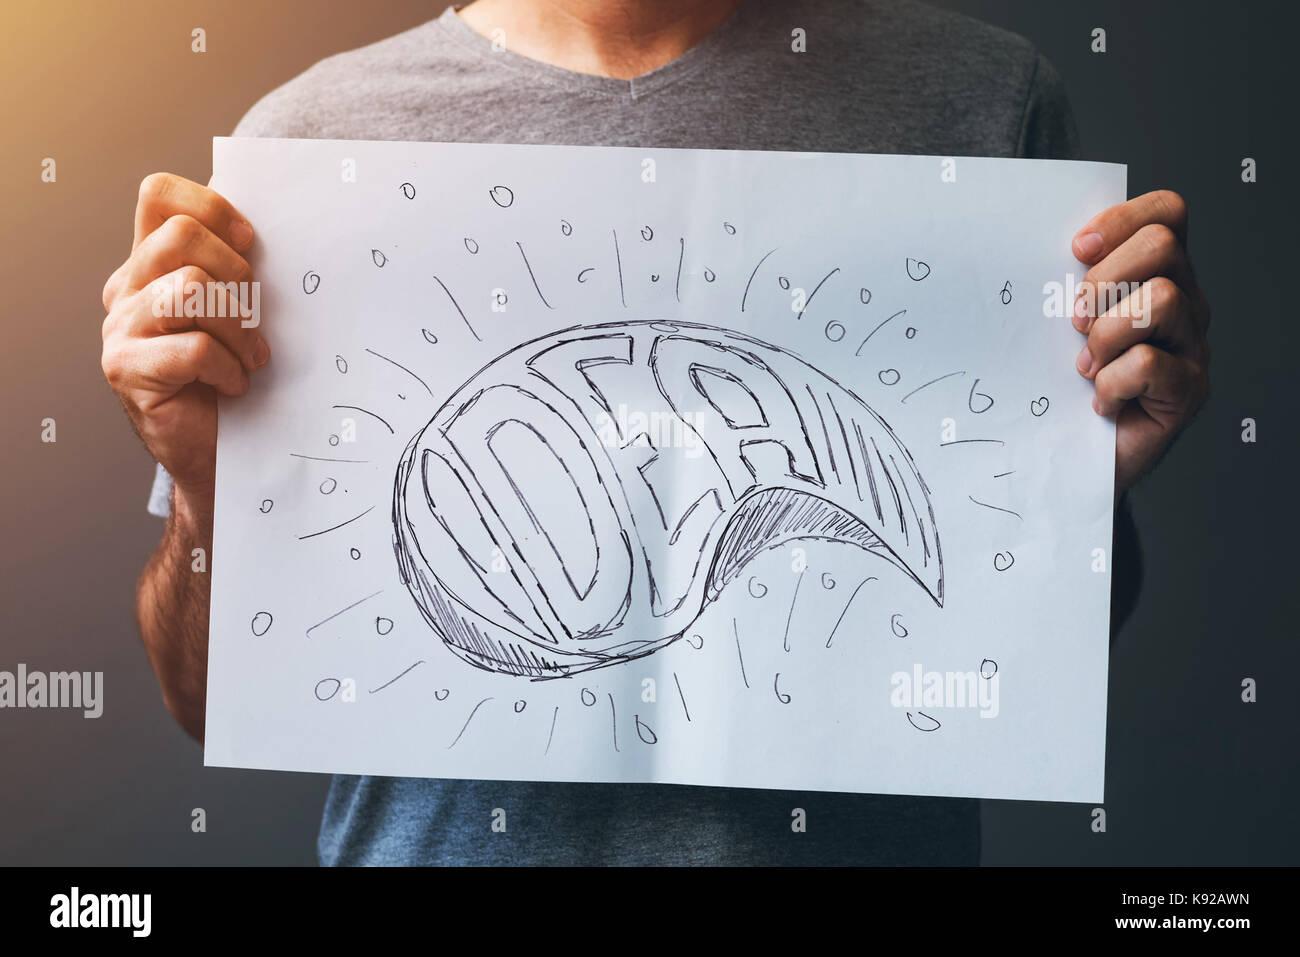 Ideen und Innovationen, Kreativität in Grafik-Design, Illustration und schreiben Stockbild